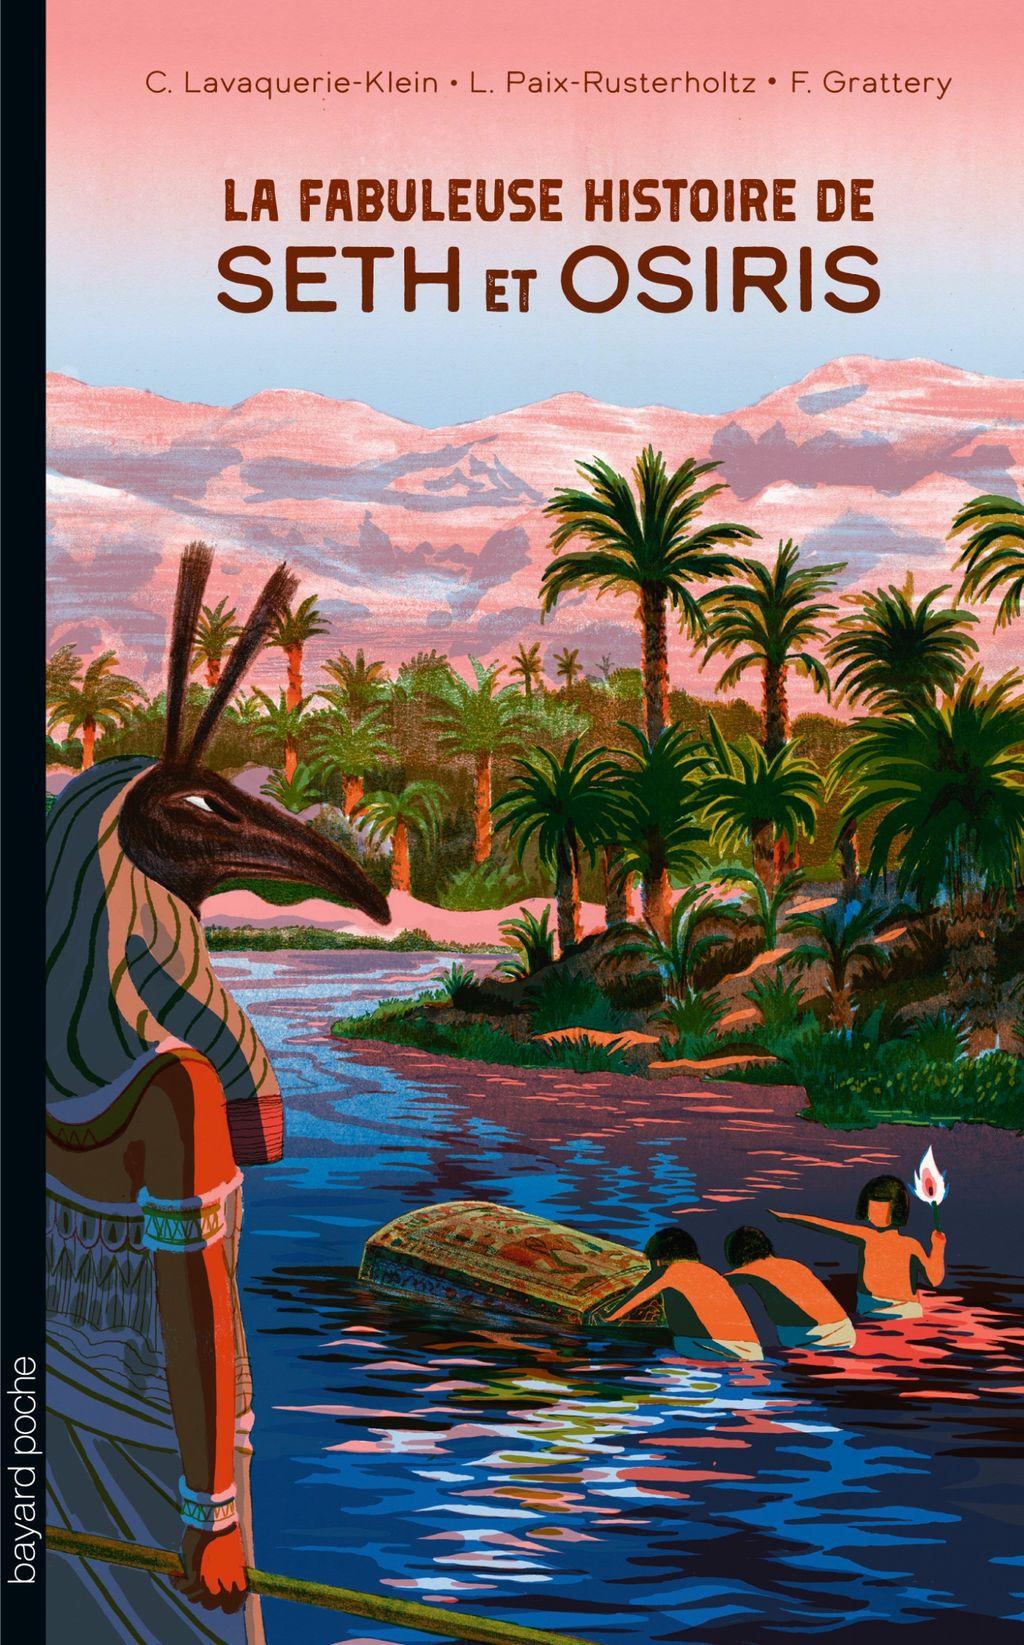 «La fabuleuse histoire de Seth et Osiris» cover